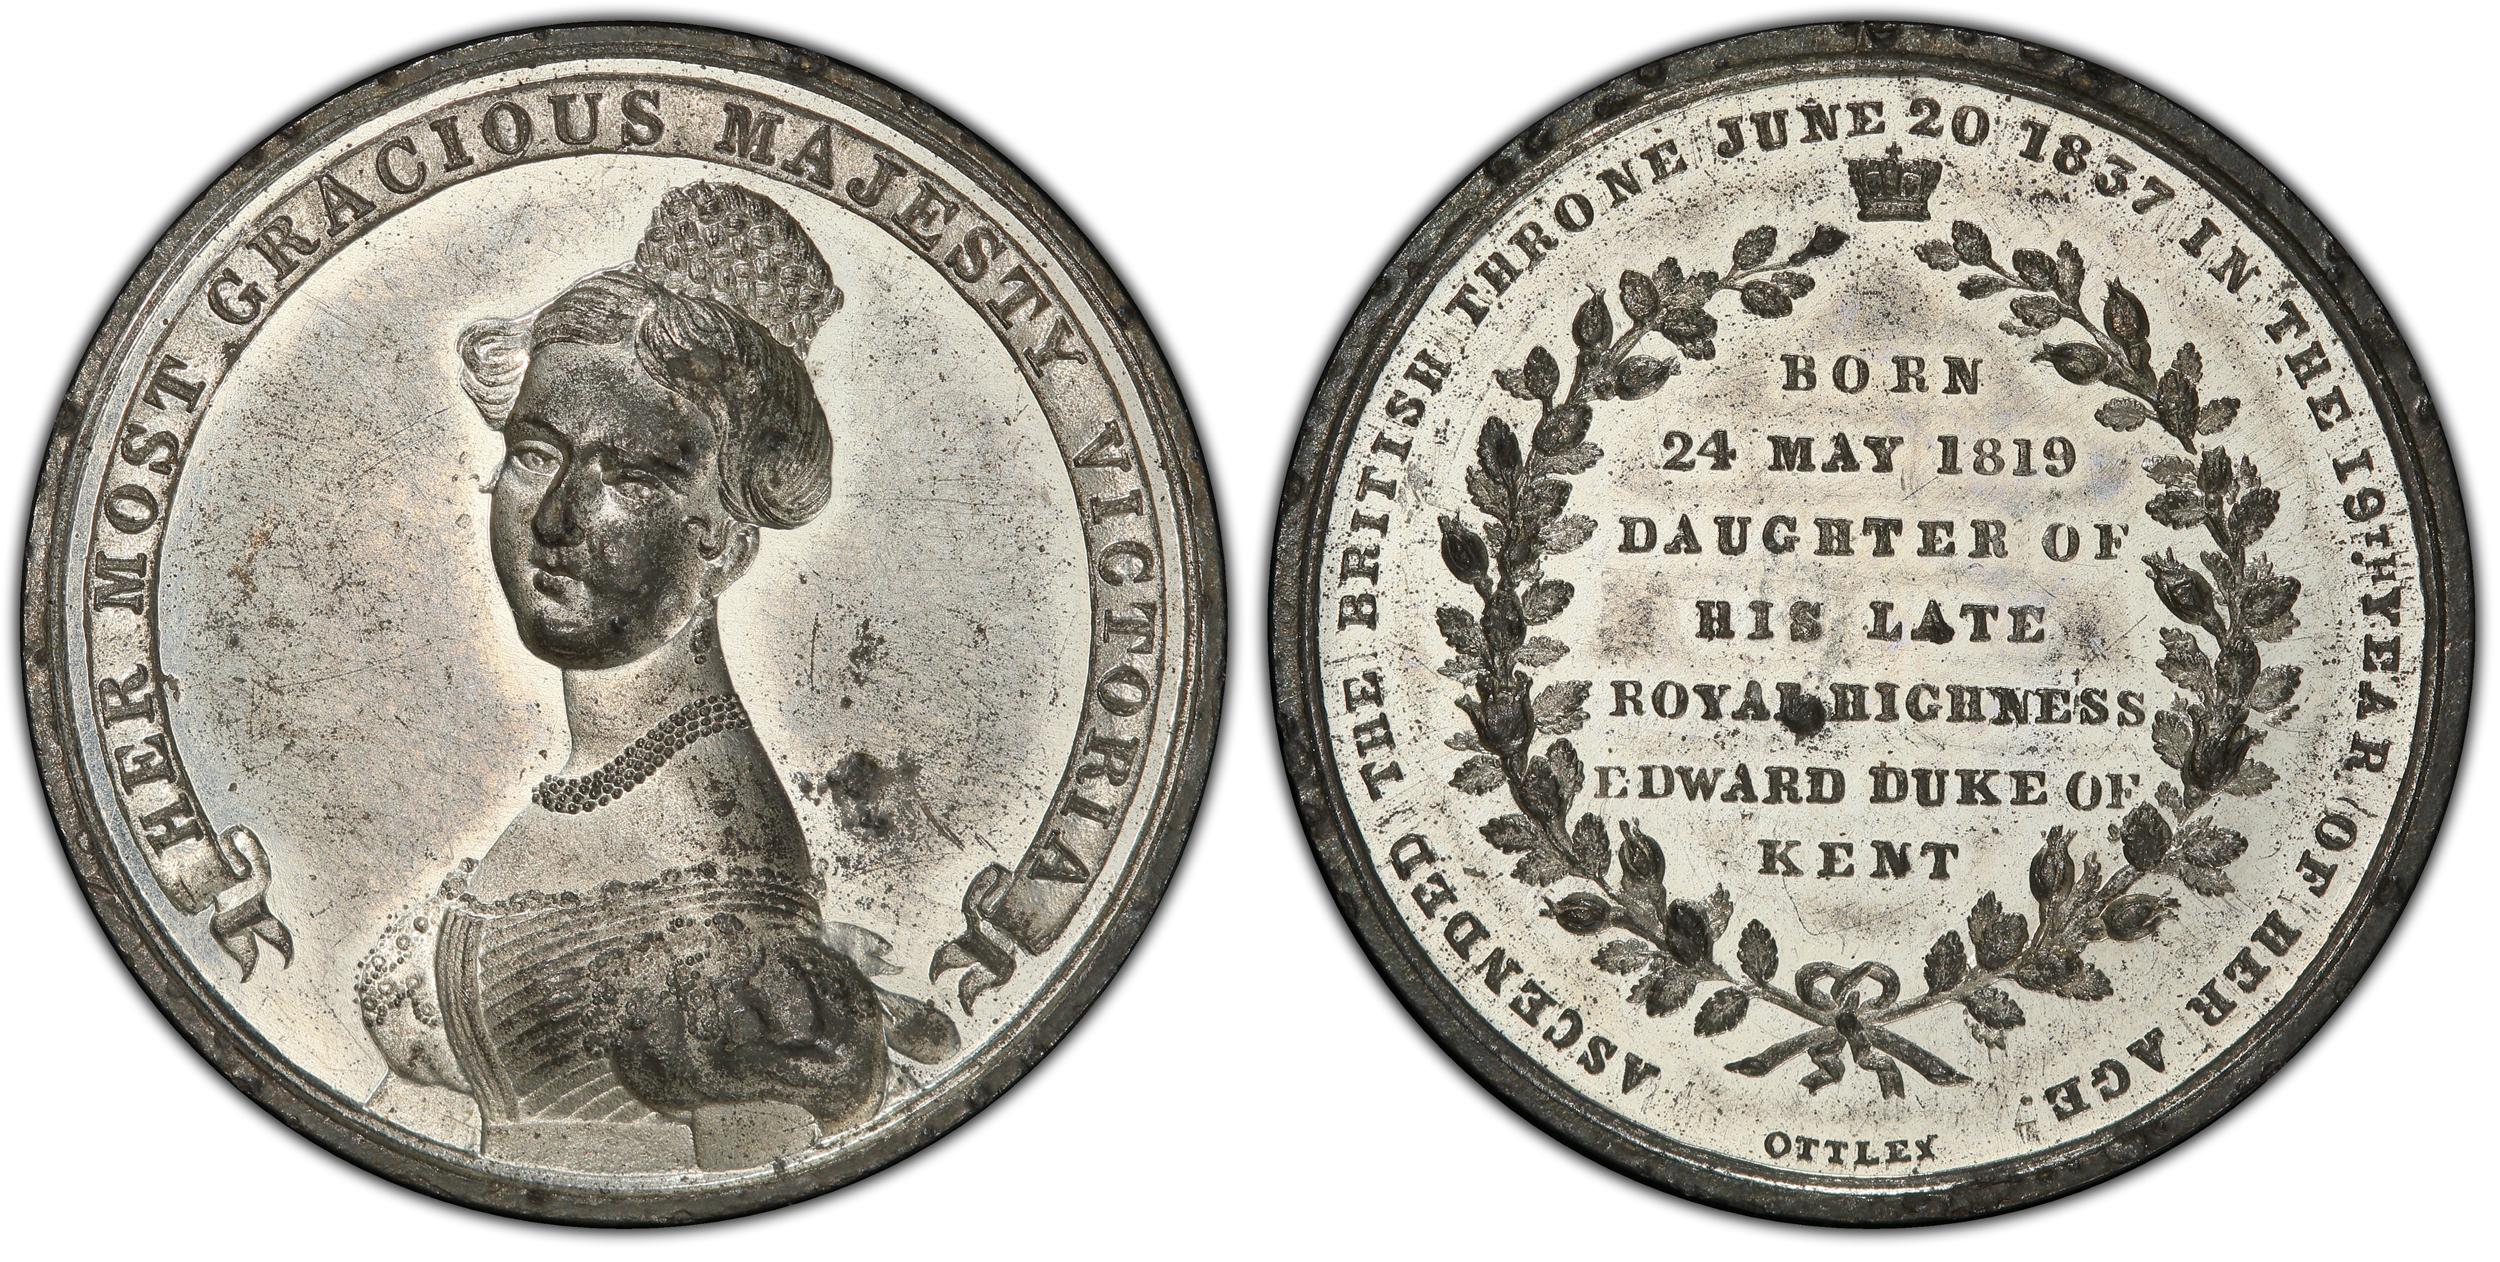 Queen Victorias Coronation, 1837 and Golden Jubilee